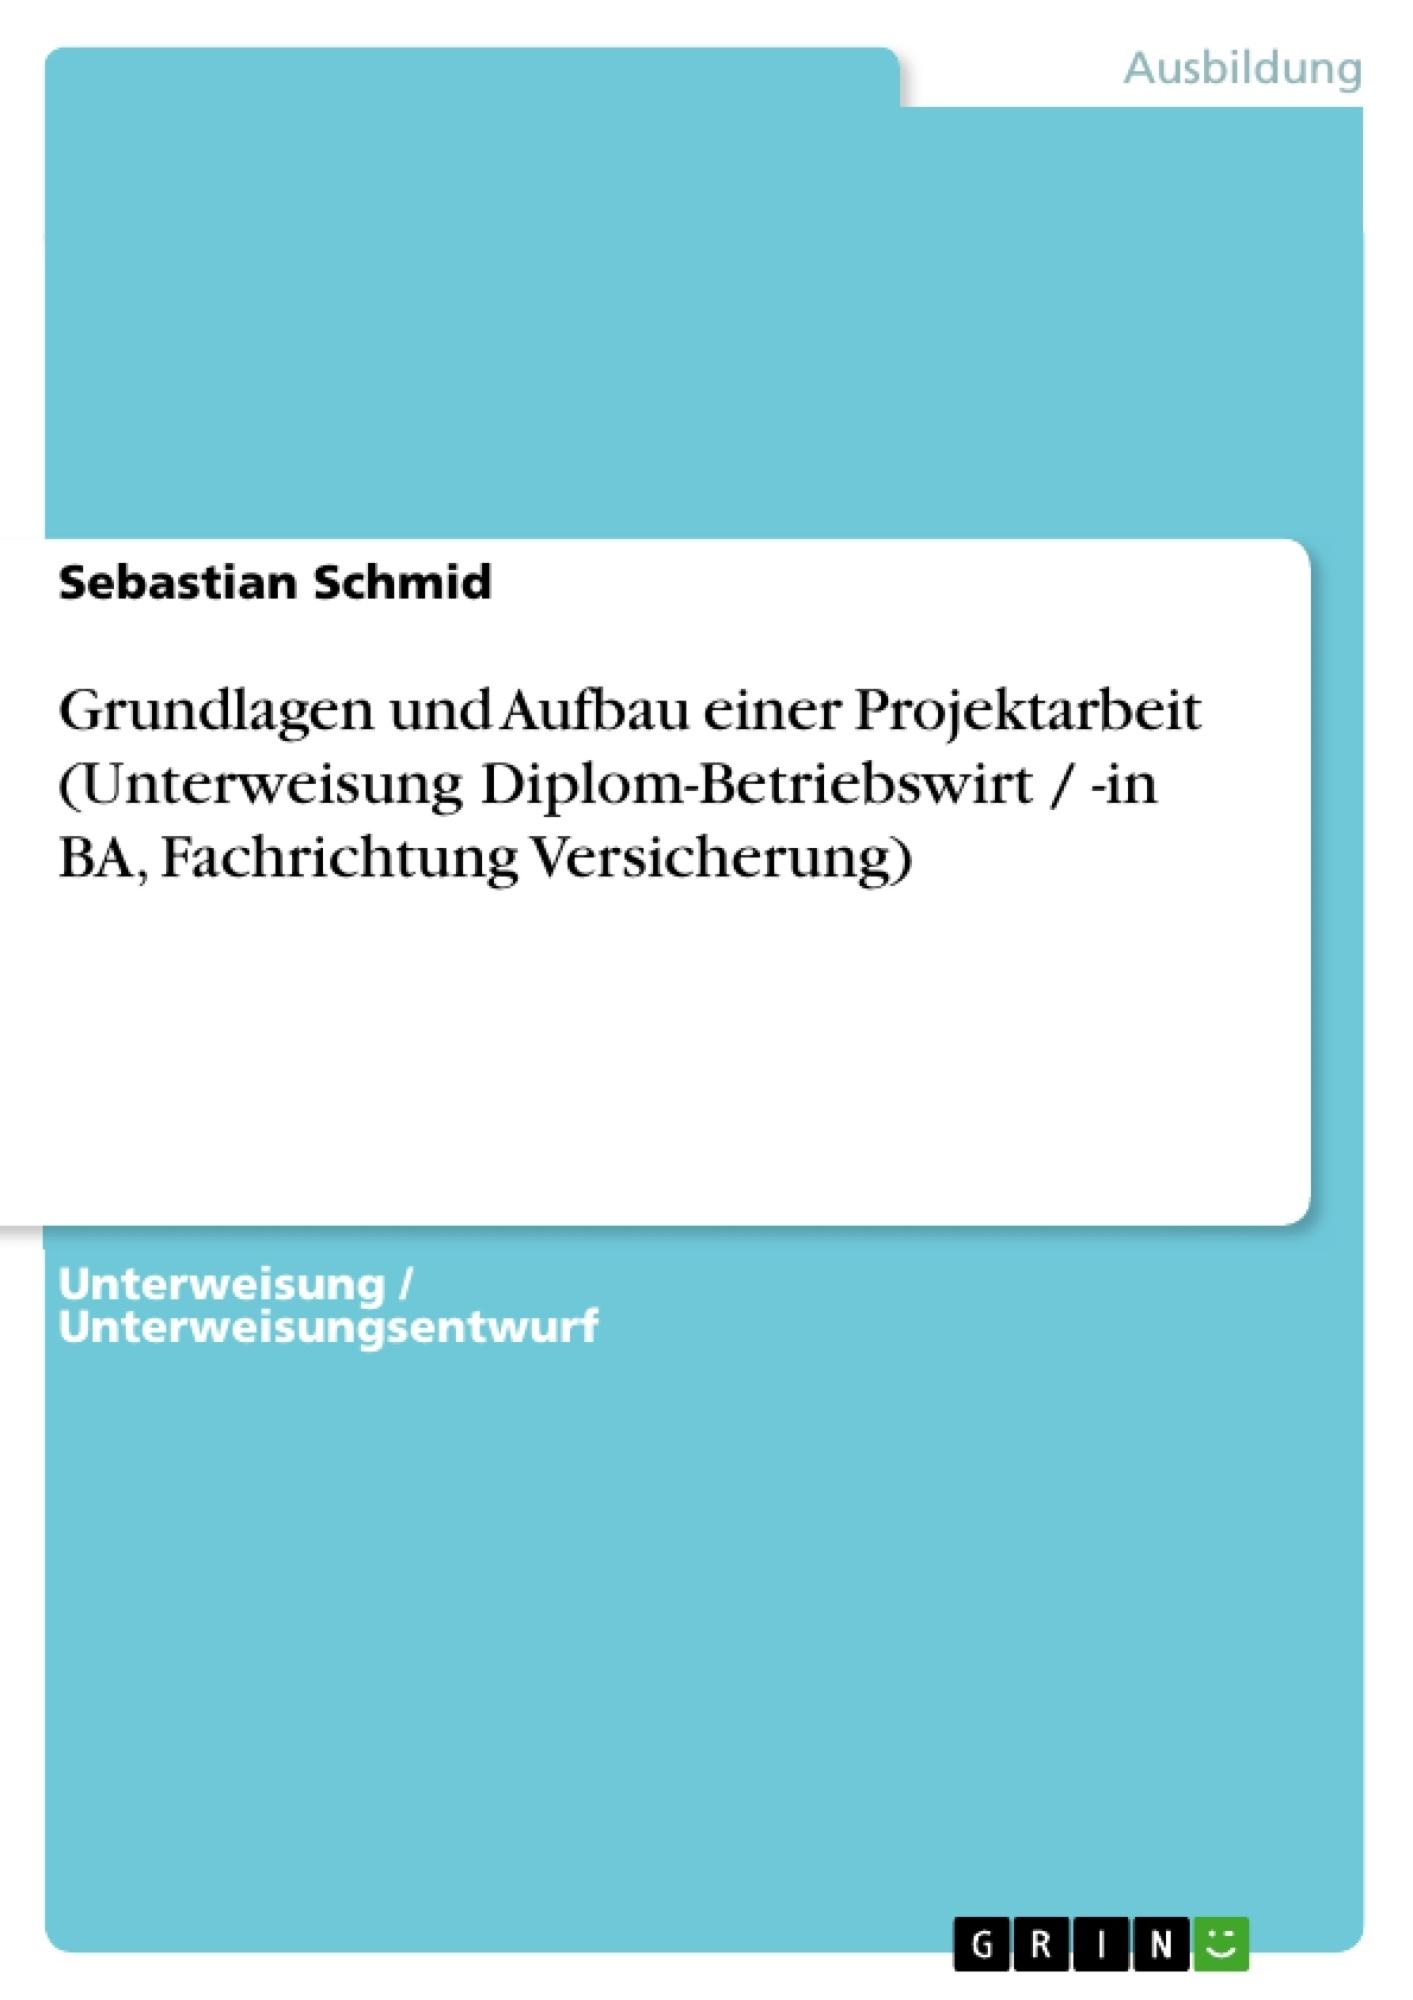 Titel: Grundlagen und Aufbau einer Projektarbeit (Unterweisung Diplom-Betriebswirt / -in BA, Fachrichtung Versicherung)